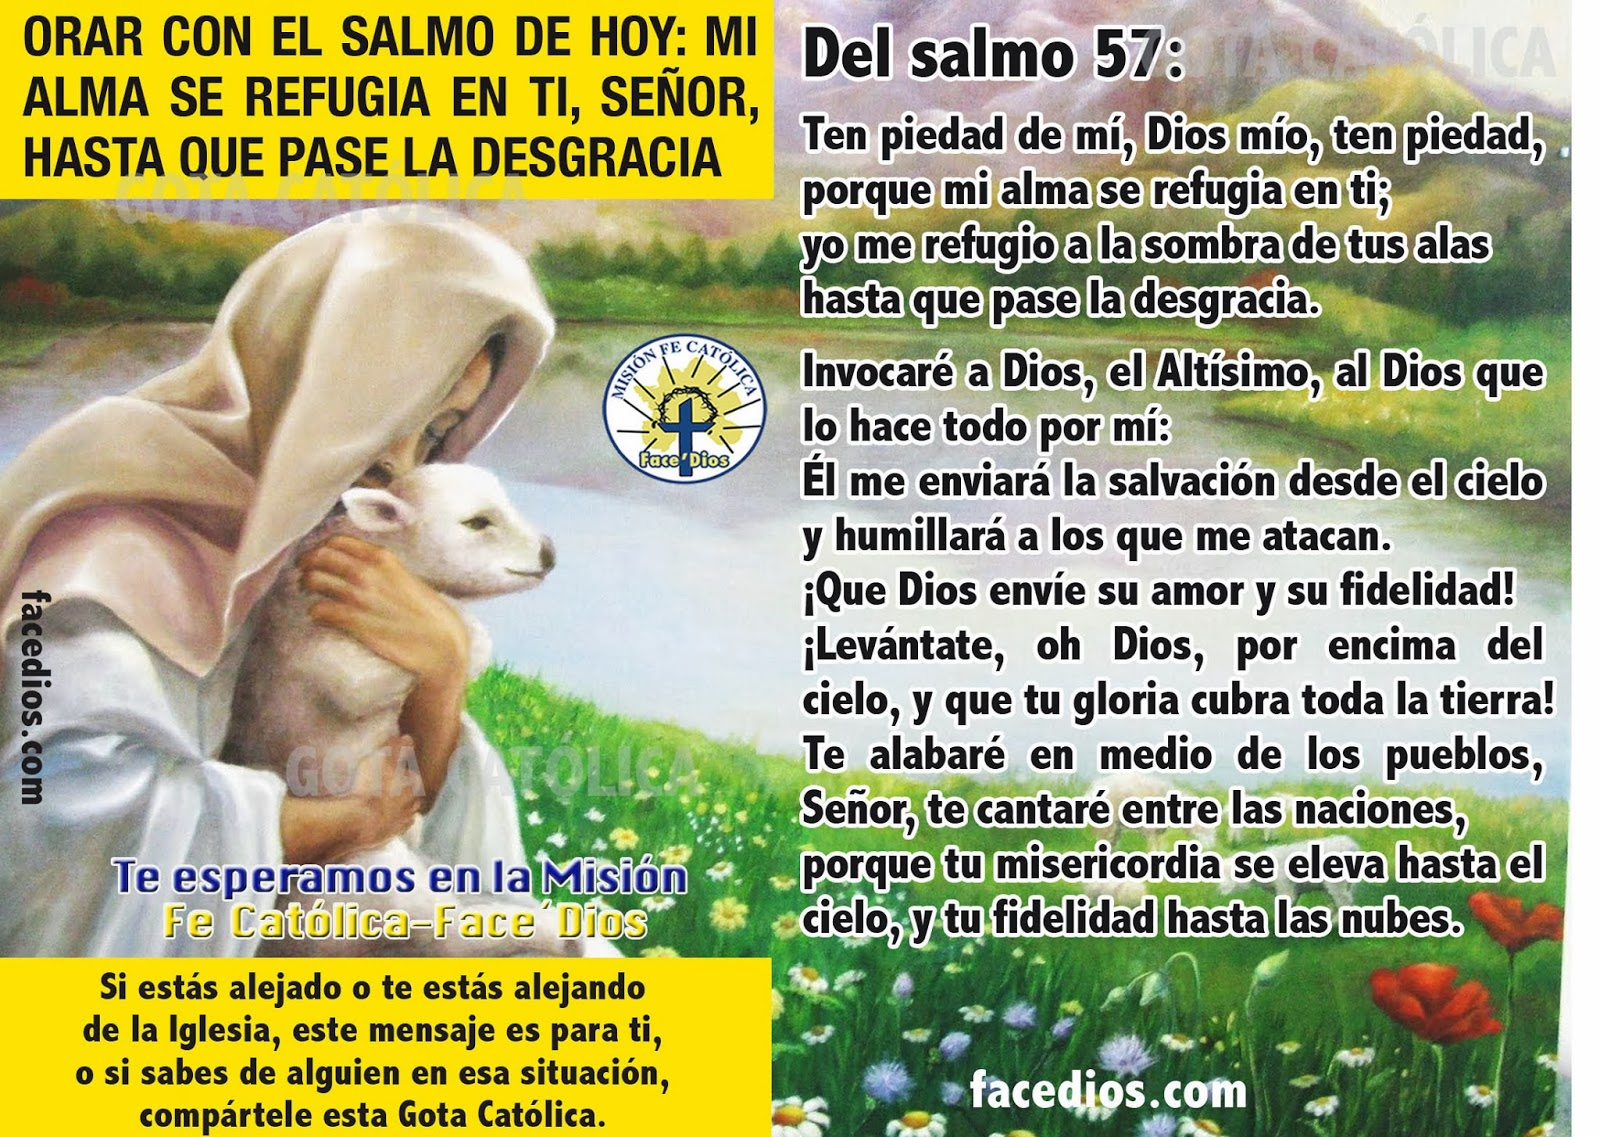 Te Amo Mensaje Escrito En Arena De Oro Foto De Archivo: GOTA Católica-Gotas De Dios: ORAR CON EL SALMO DE HOY: MI